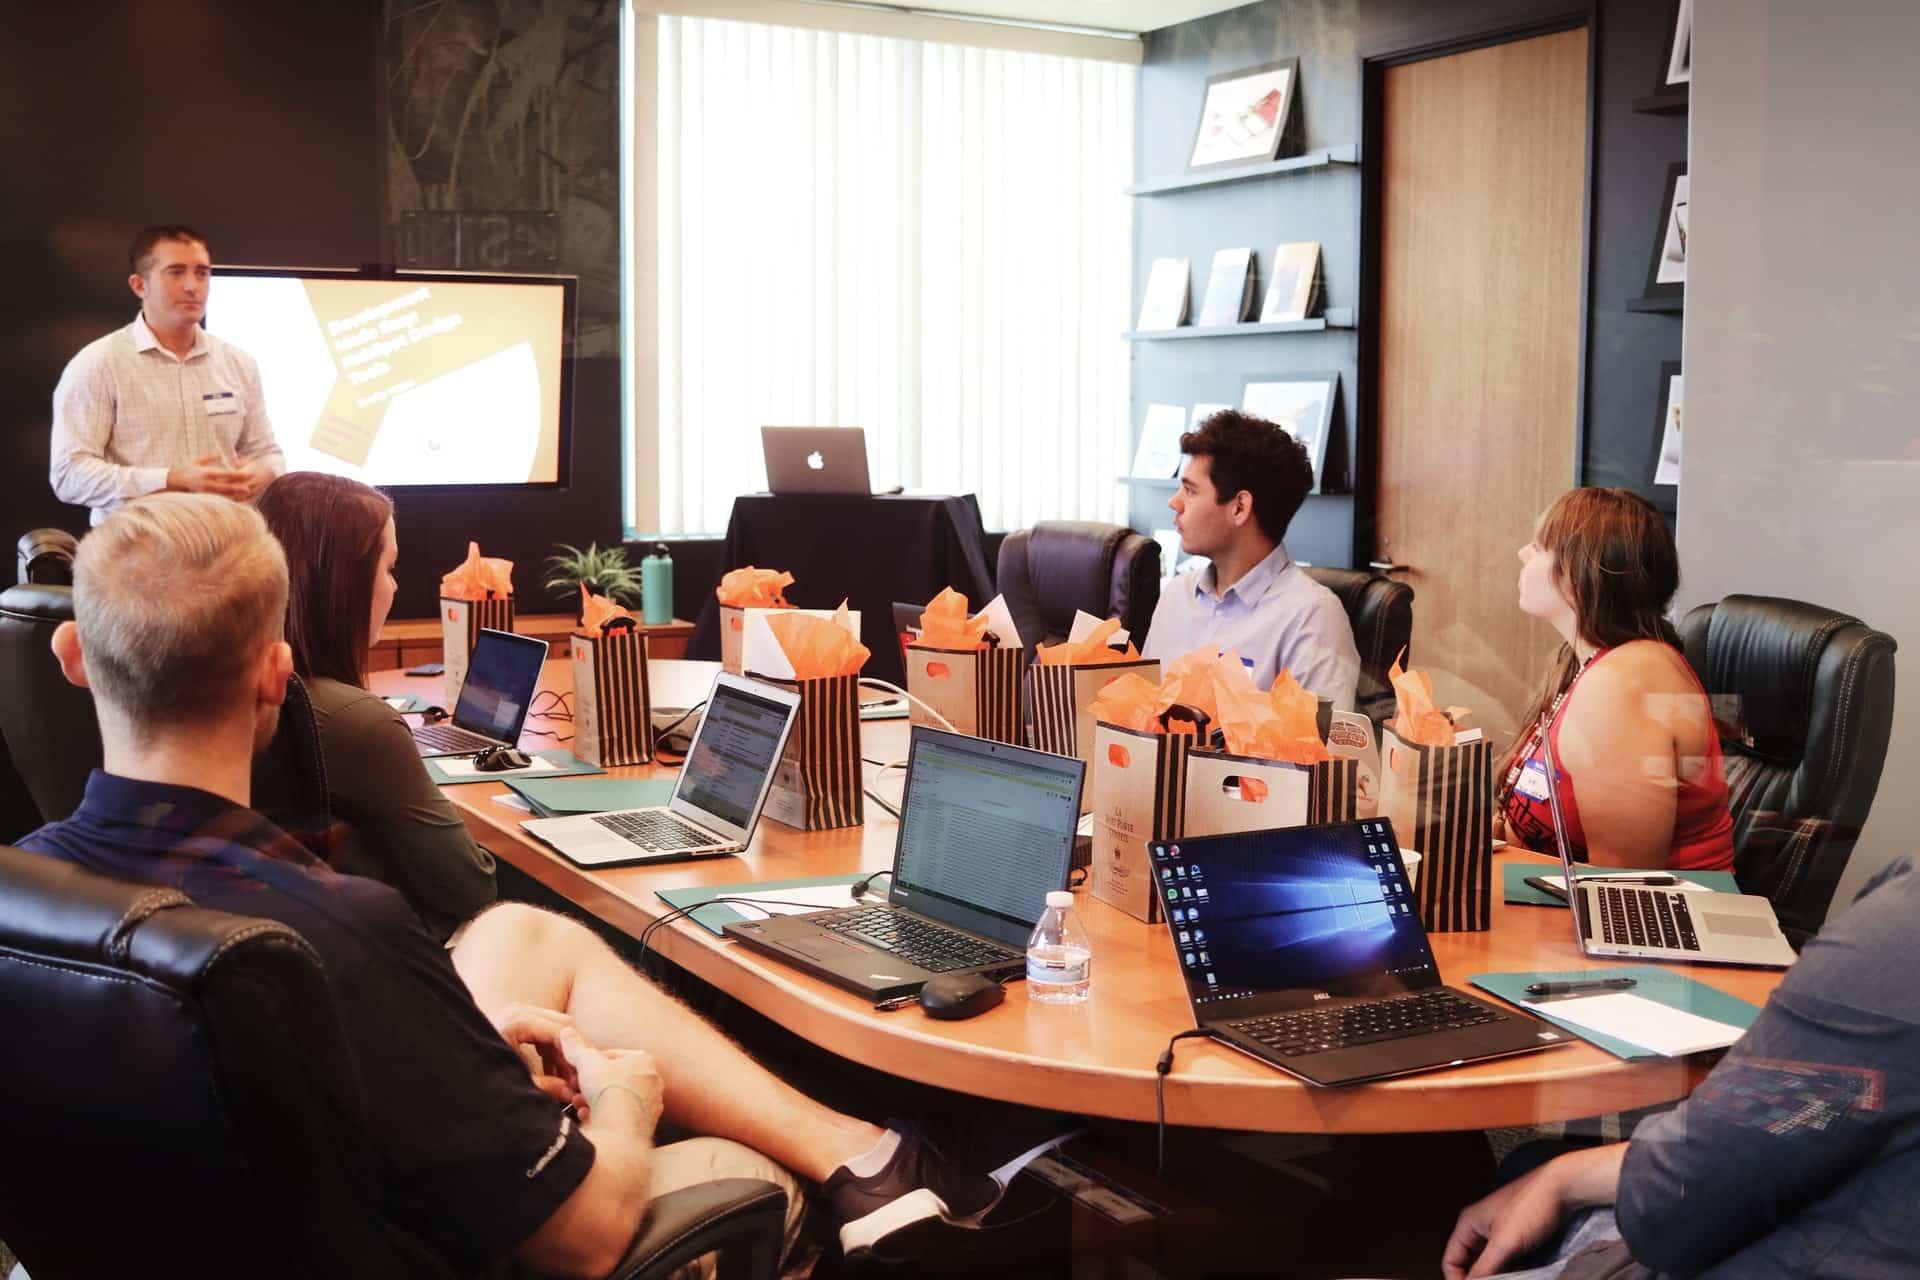 Top HR tech startups brewing up the tech recruitment industry